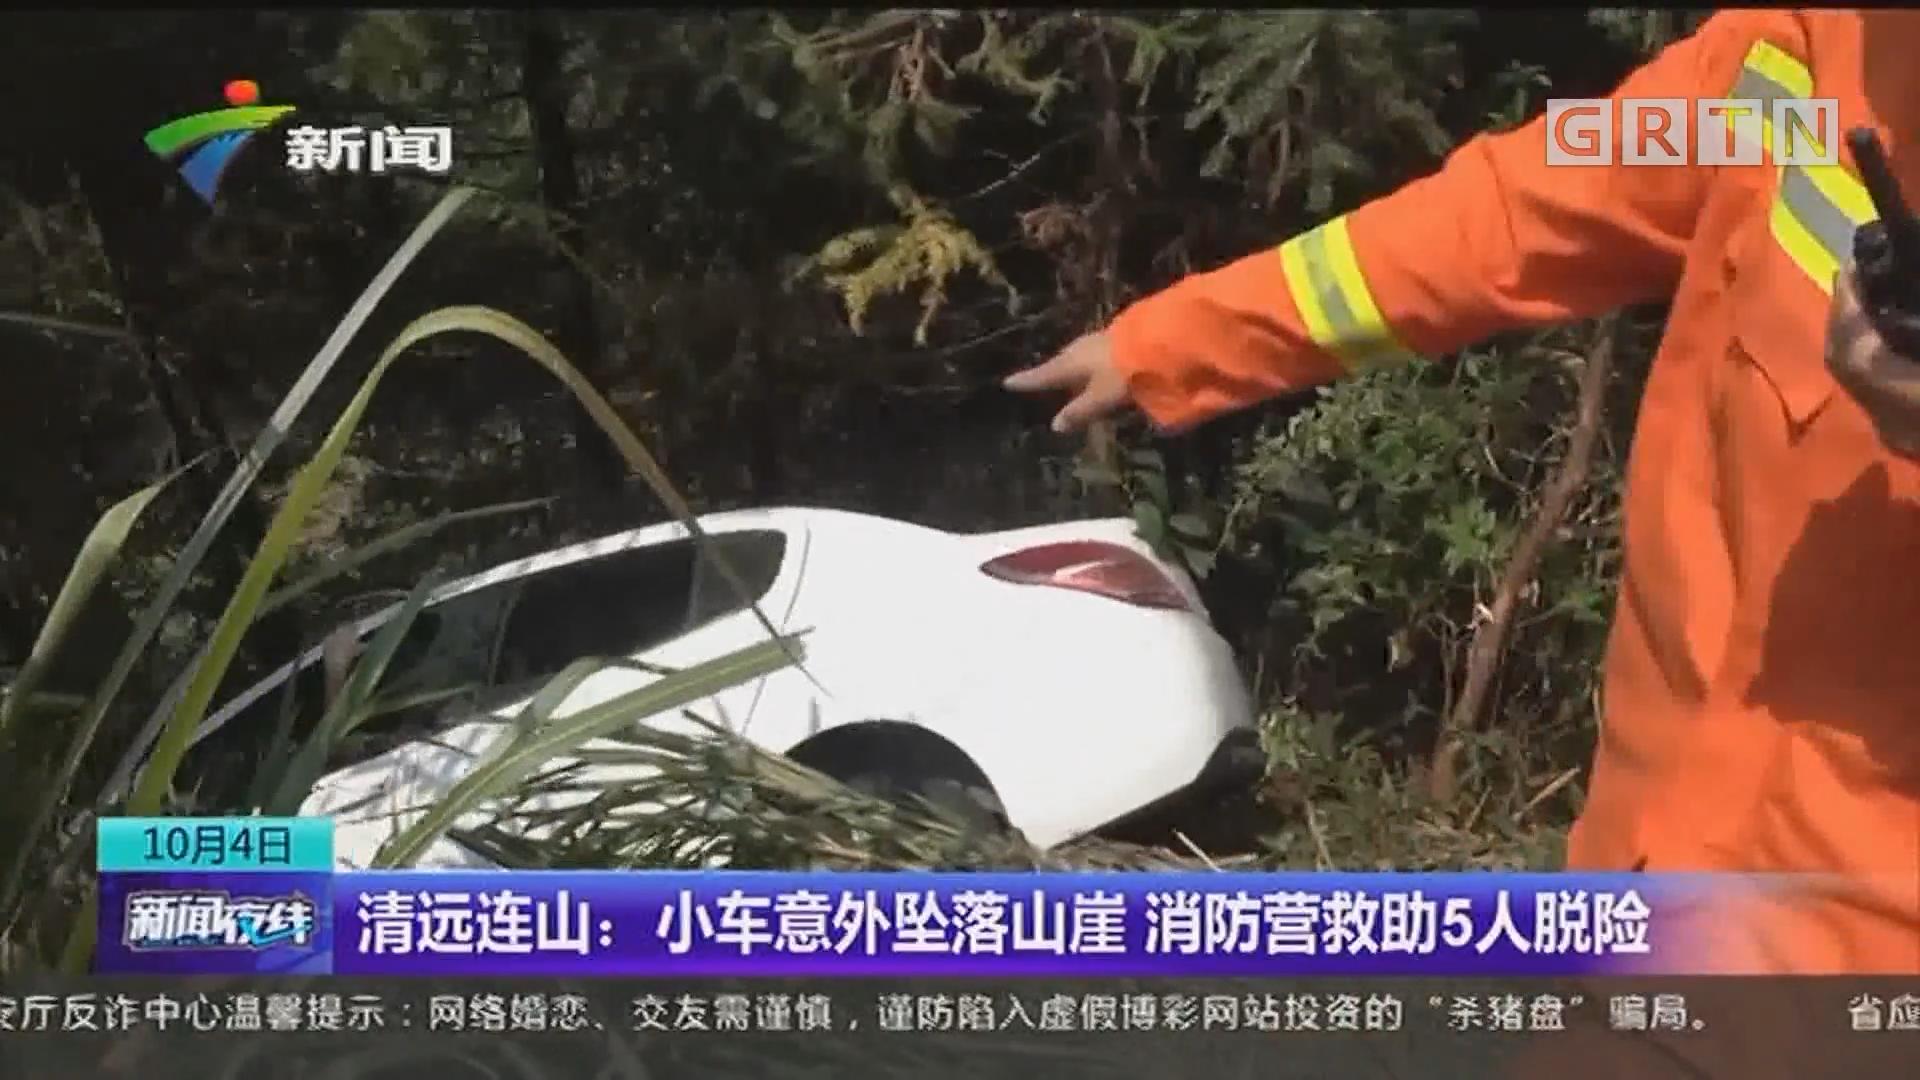 清远连山:小车意外坠落山崖 消防营救助5人脱险